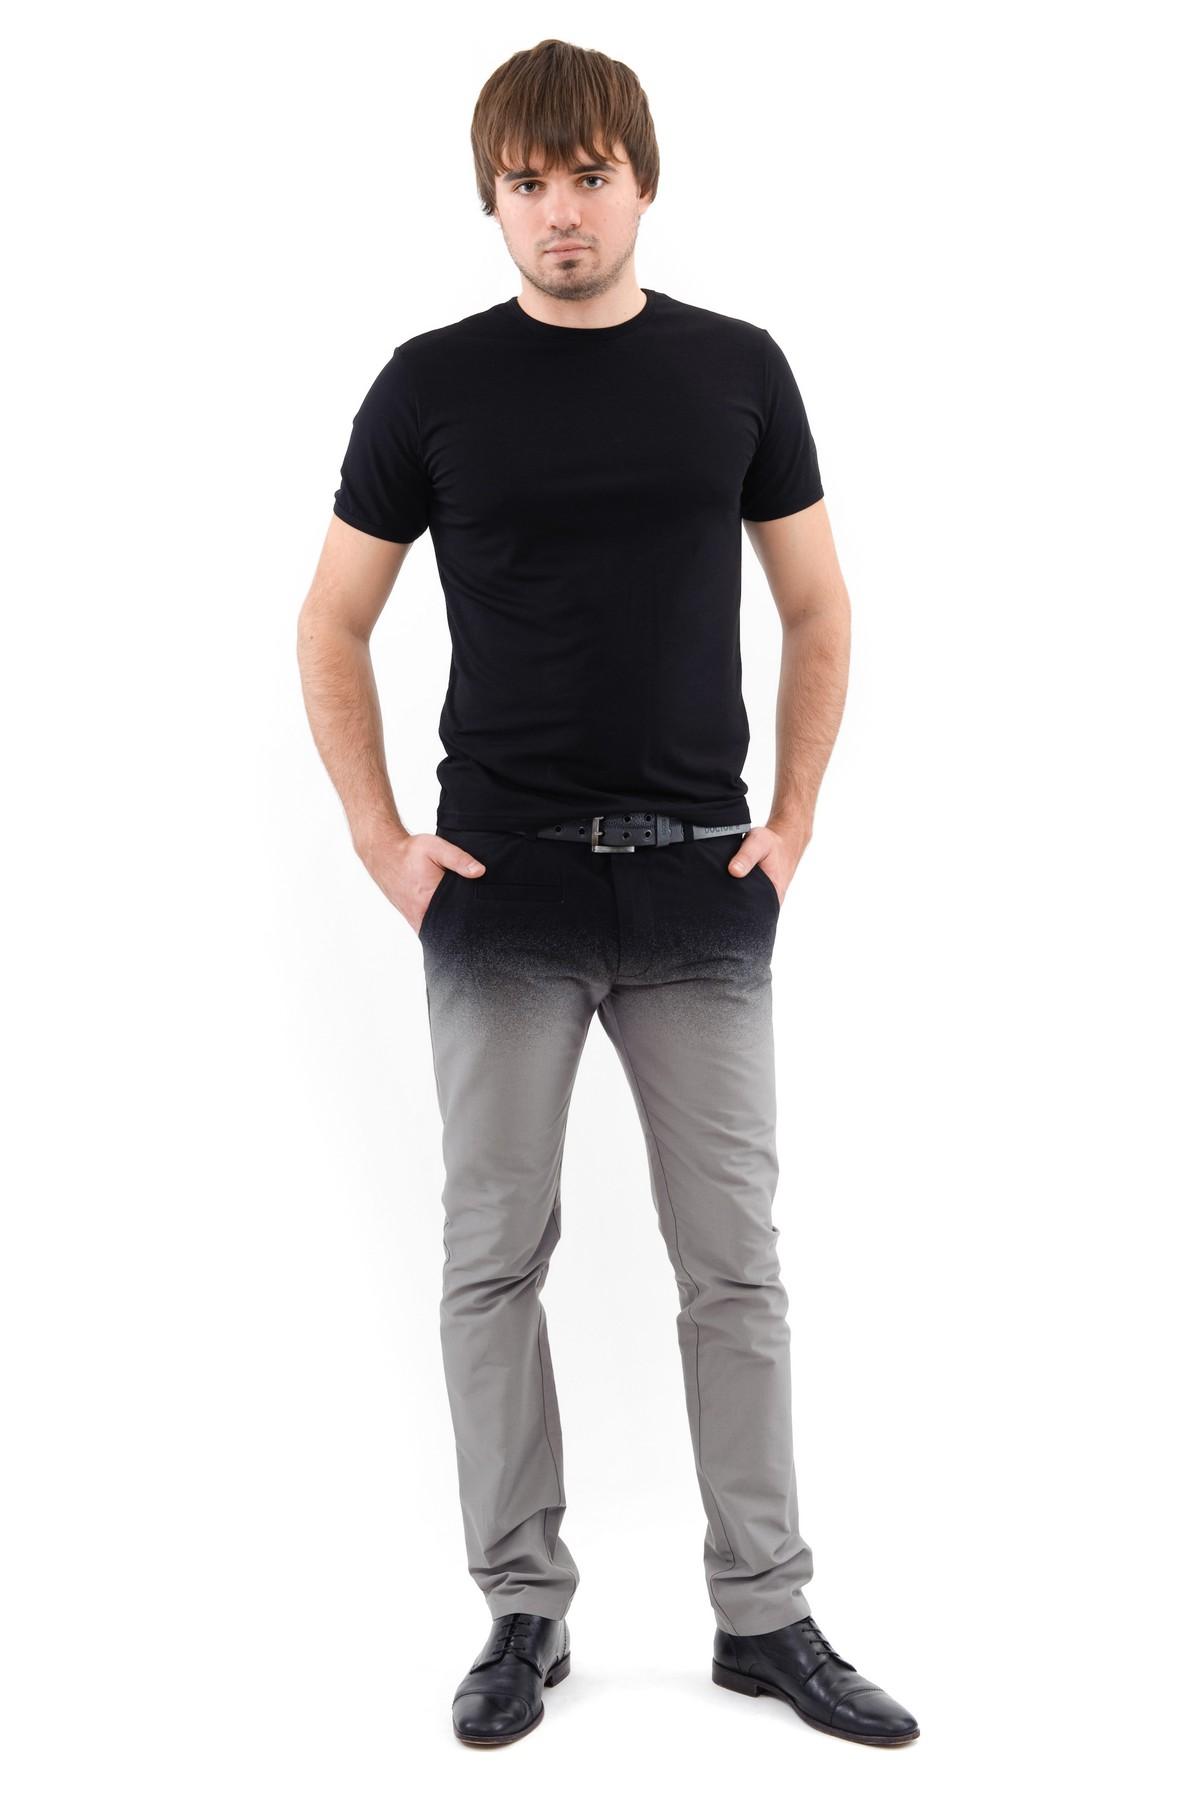 ФутболкаМужские футболки, джемпера<br>Футболка – это удобный выбор на каждый день, поэтому она должна быть яркой и стильной, чтобы привнести в повседневный образ красок. Округлый вырез горловины, короткие рукава, эффектный принт - все это футболка Doctor E, из высококачественного трикотажа.<br><br>Цвет: черный<br>Состав: 92% хлопок 8% лайкра<br>Размер: 56,58<br>Страна дизайна: Россия<br>Страна производства: Россия